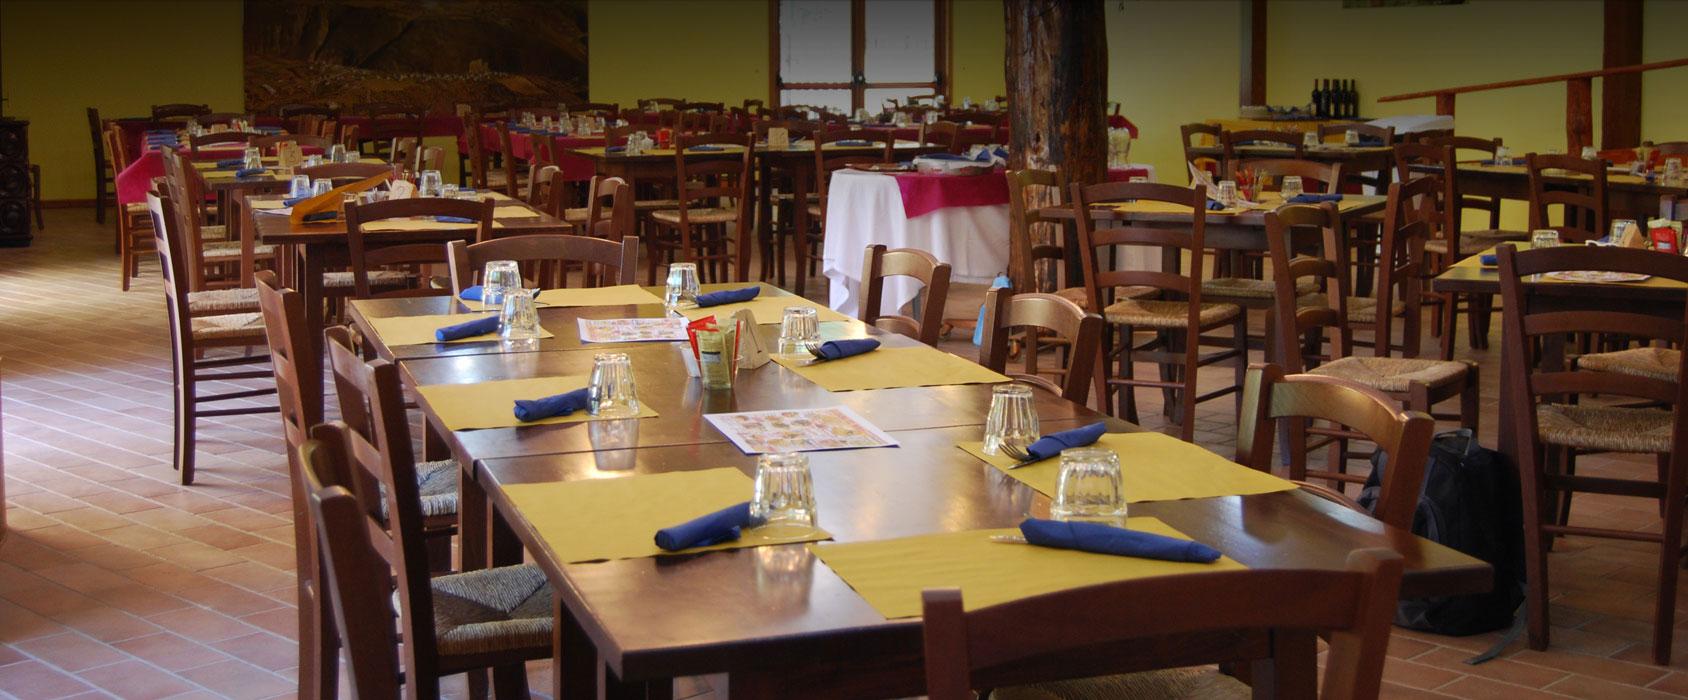 ristorante_1688_700_ombra